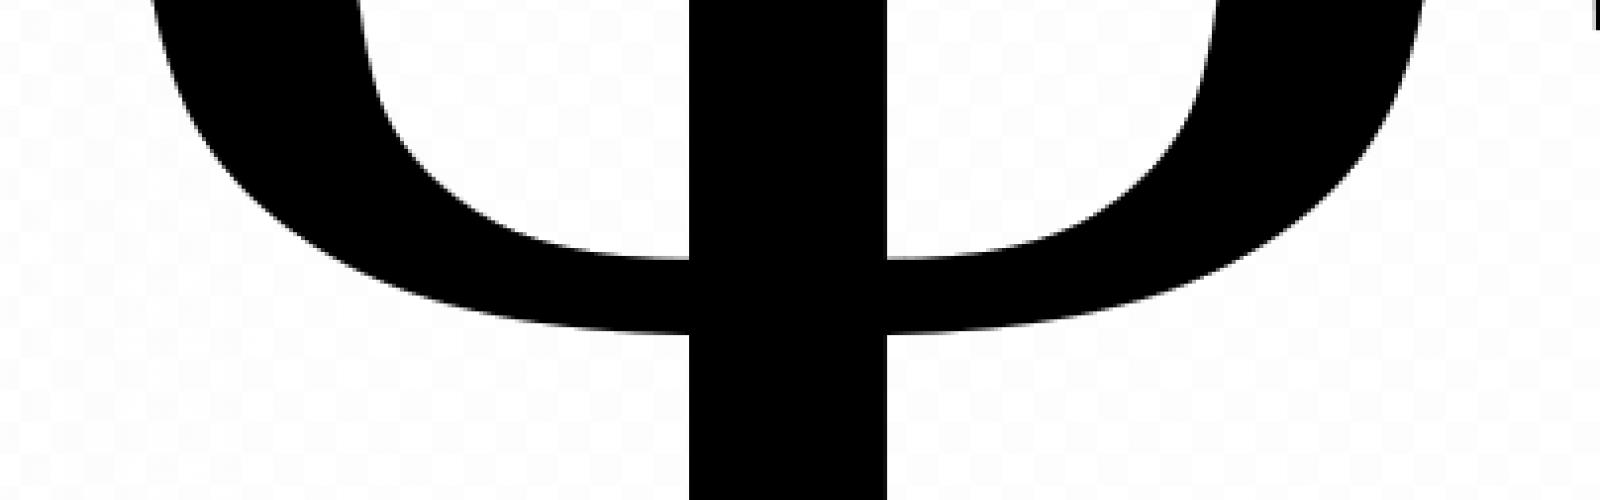 trident représentant la lettre 'psi', 23e lettre  de l'alphabet grec